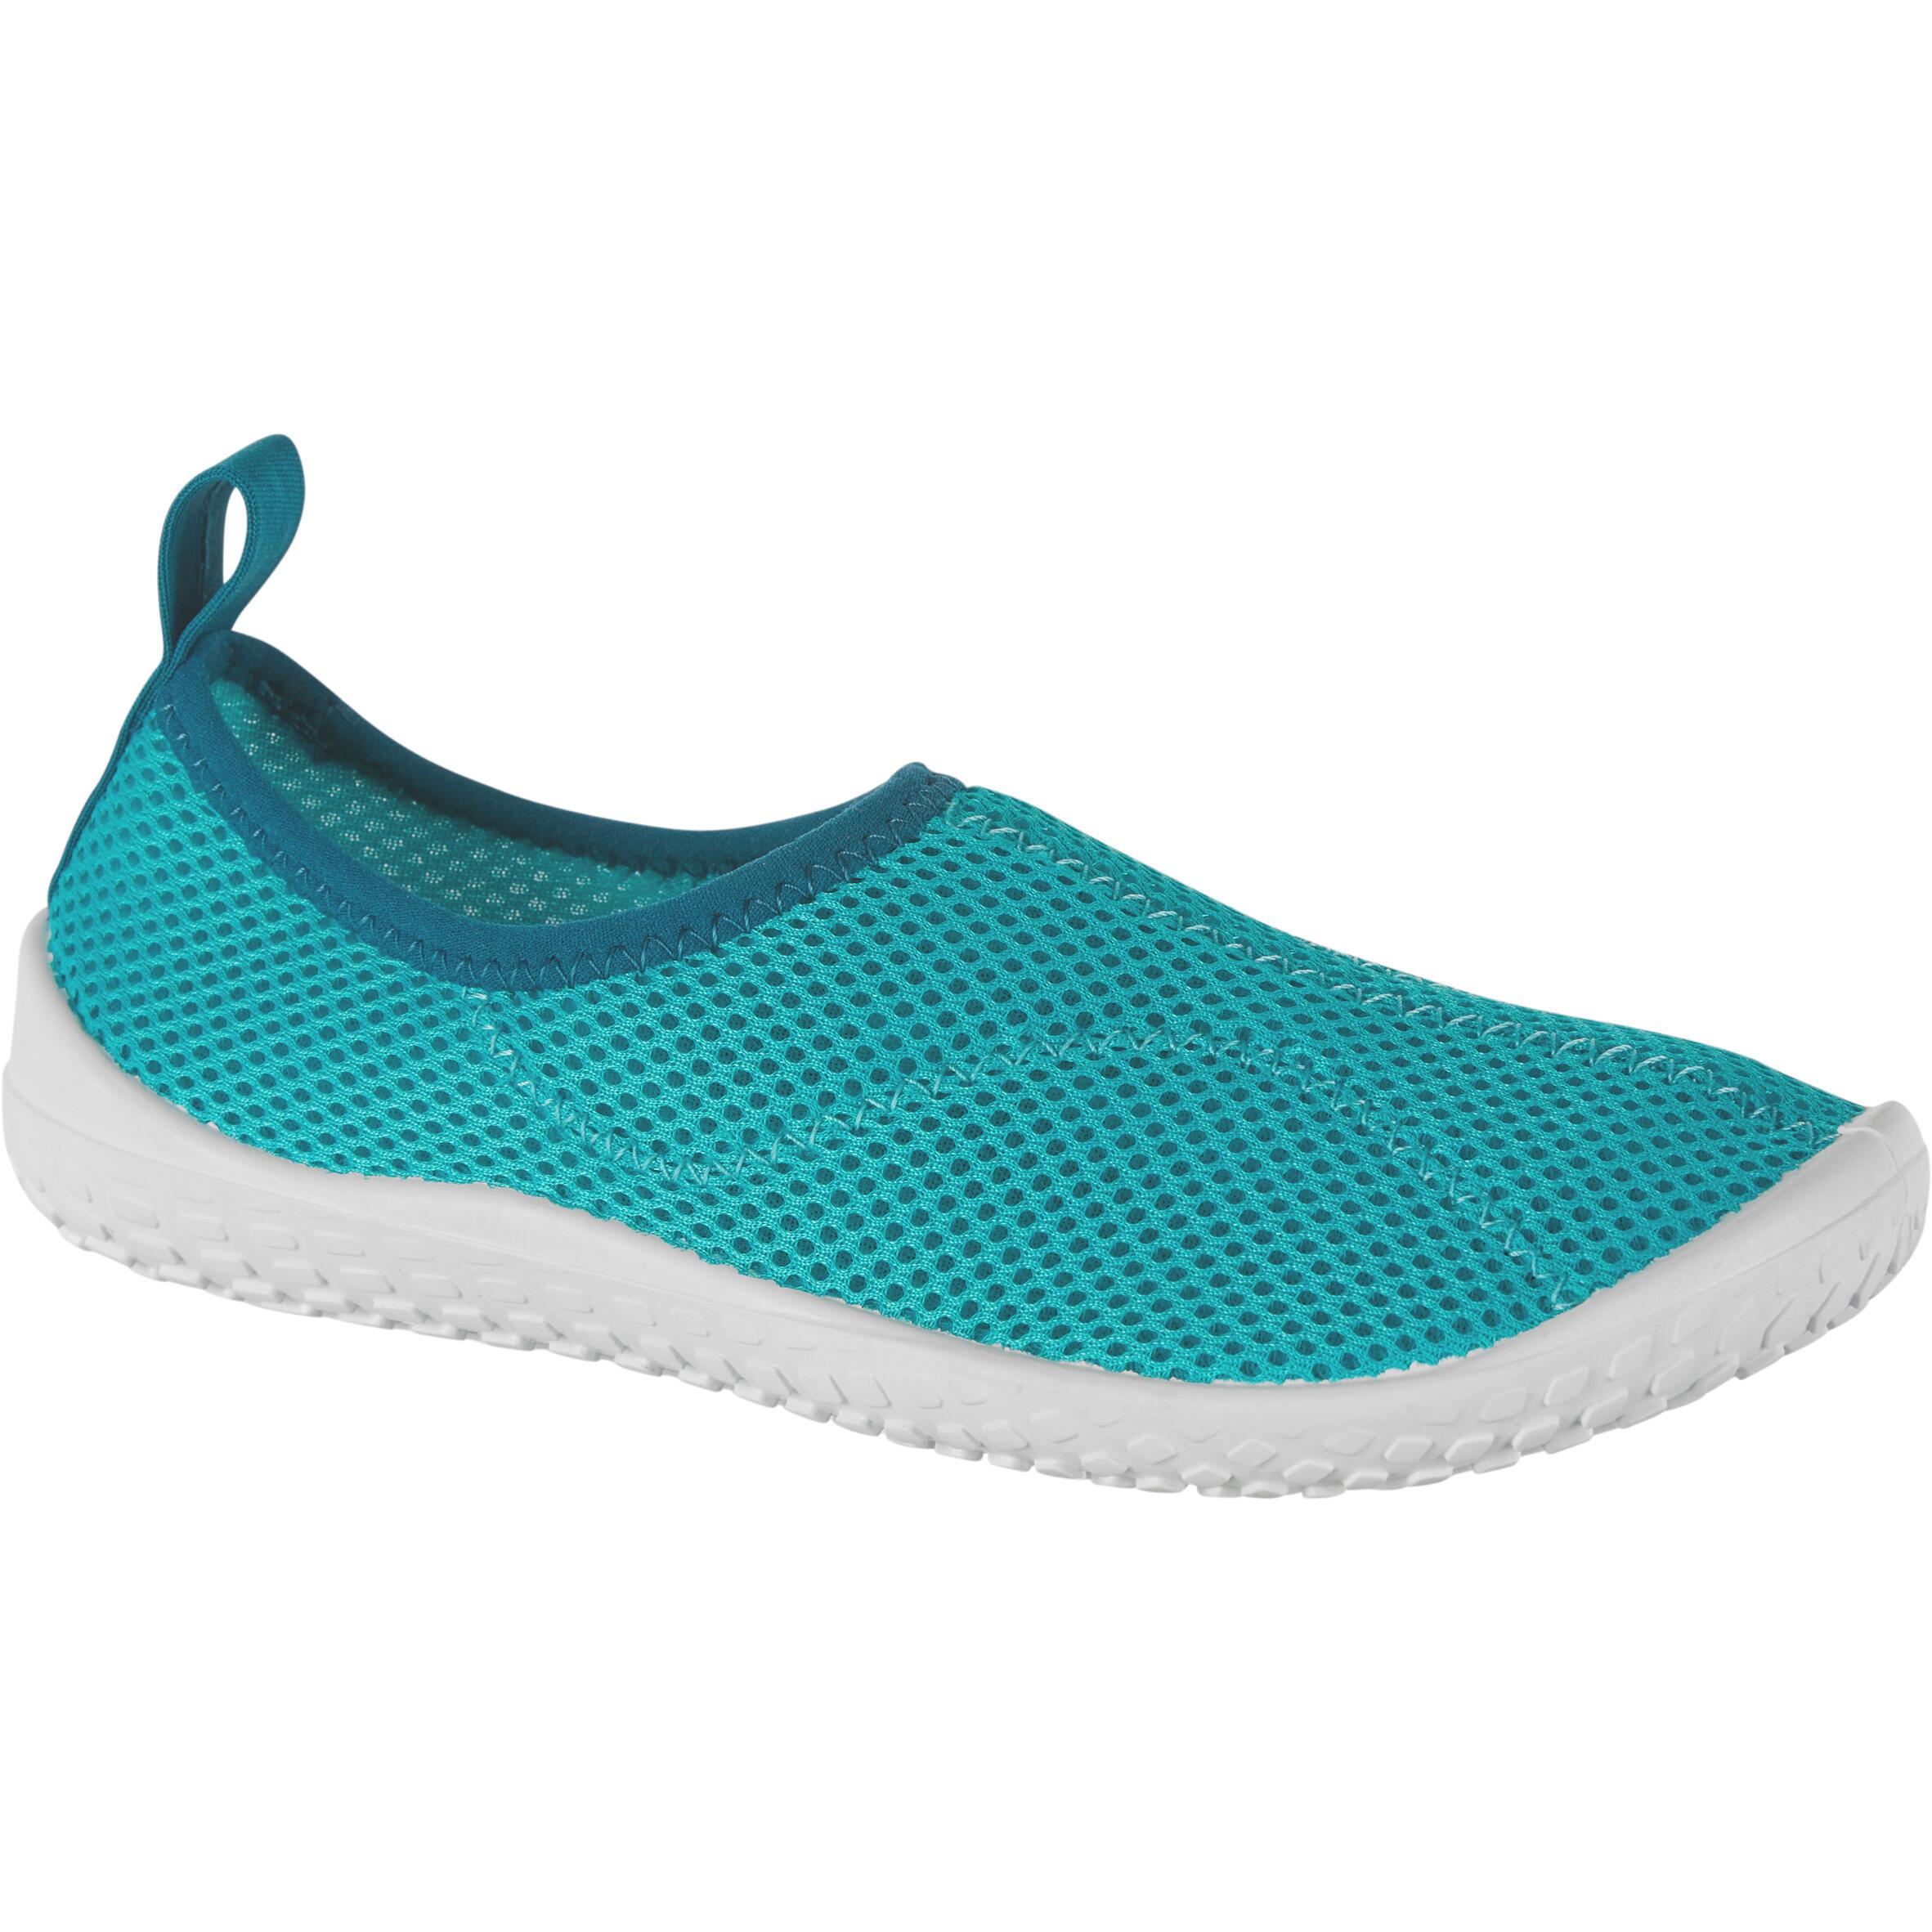 AMZTM Enfant Chaussures Aquatiques Plage Requin Gar/çon Chaussettes deau